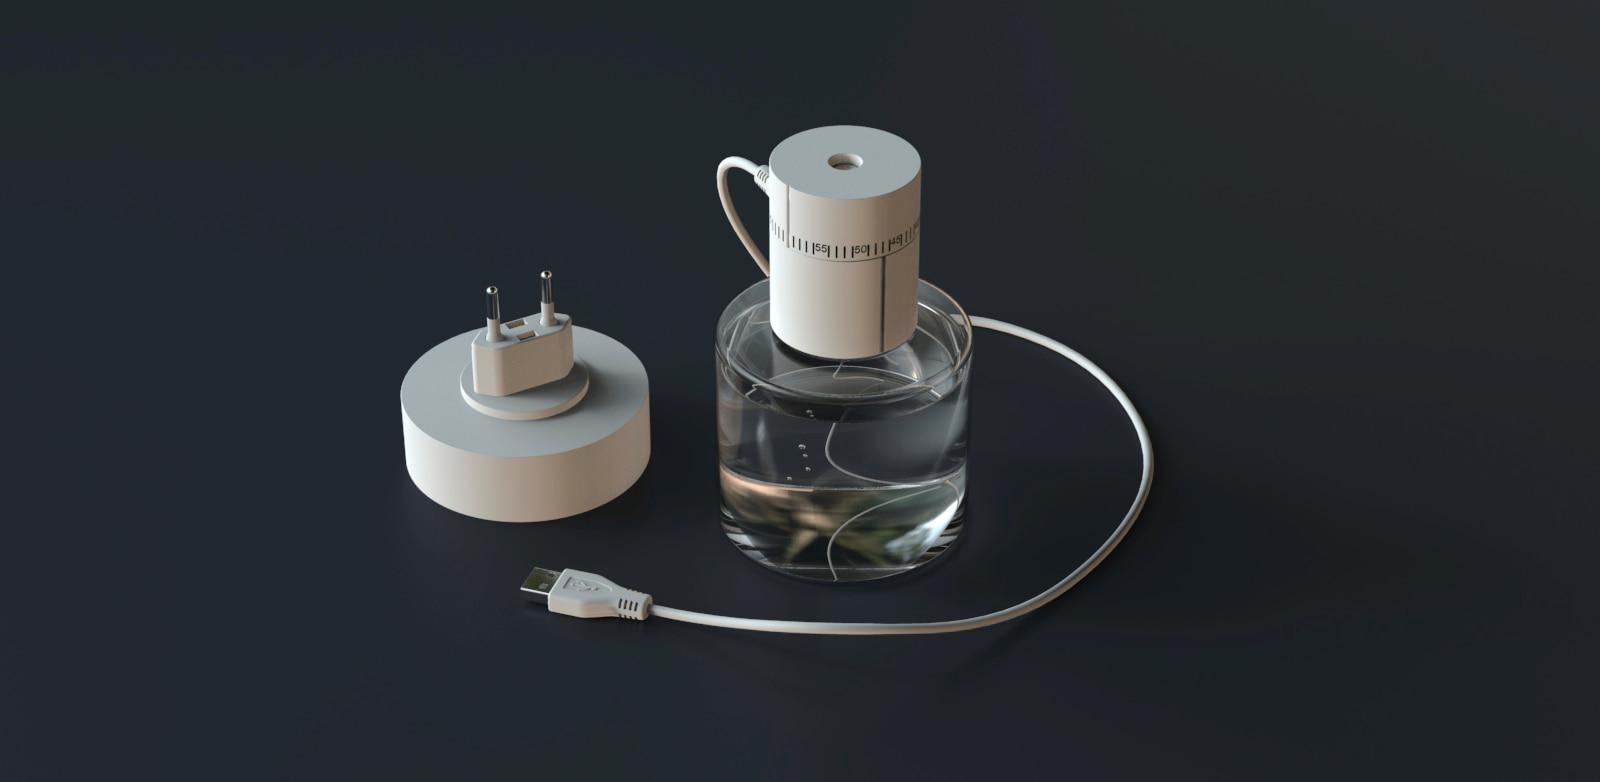 Dispensador Brumizador Smart Devices